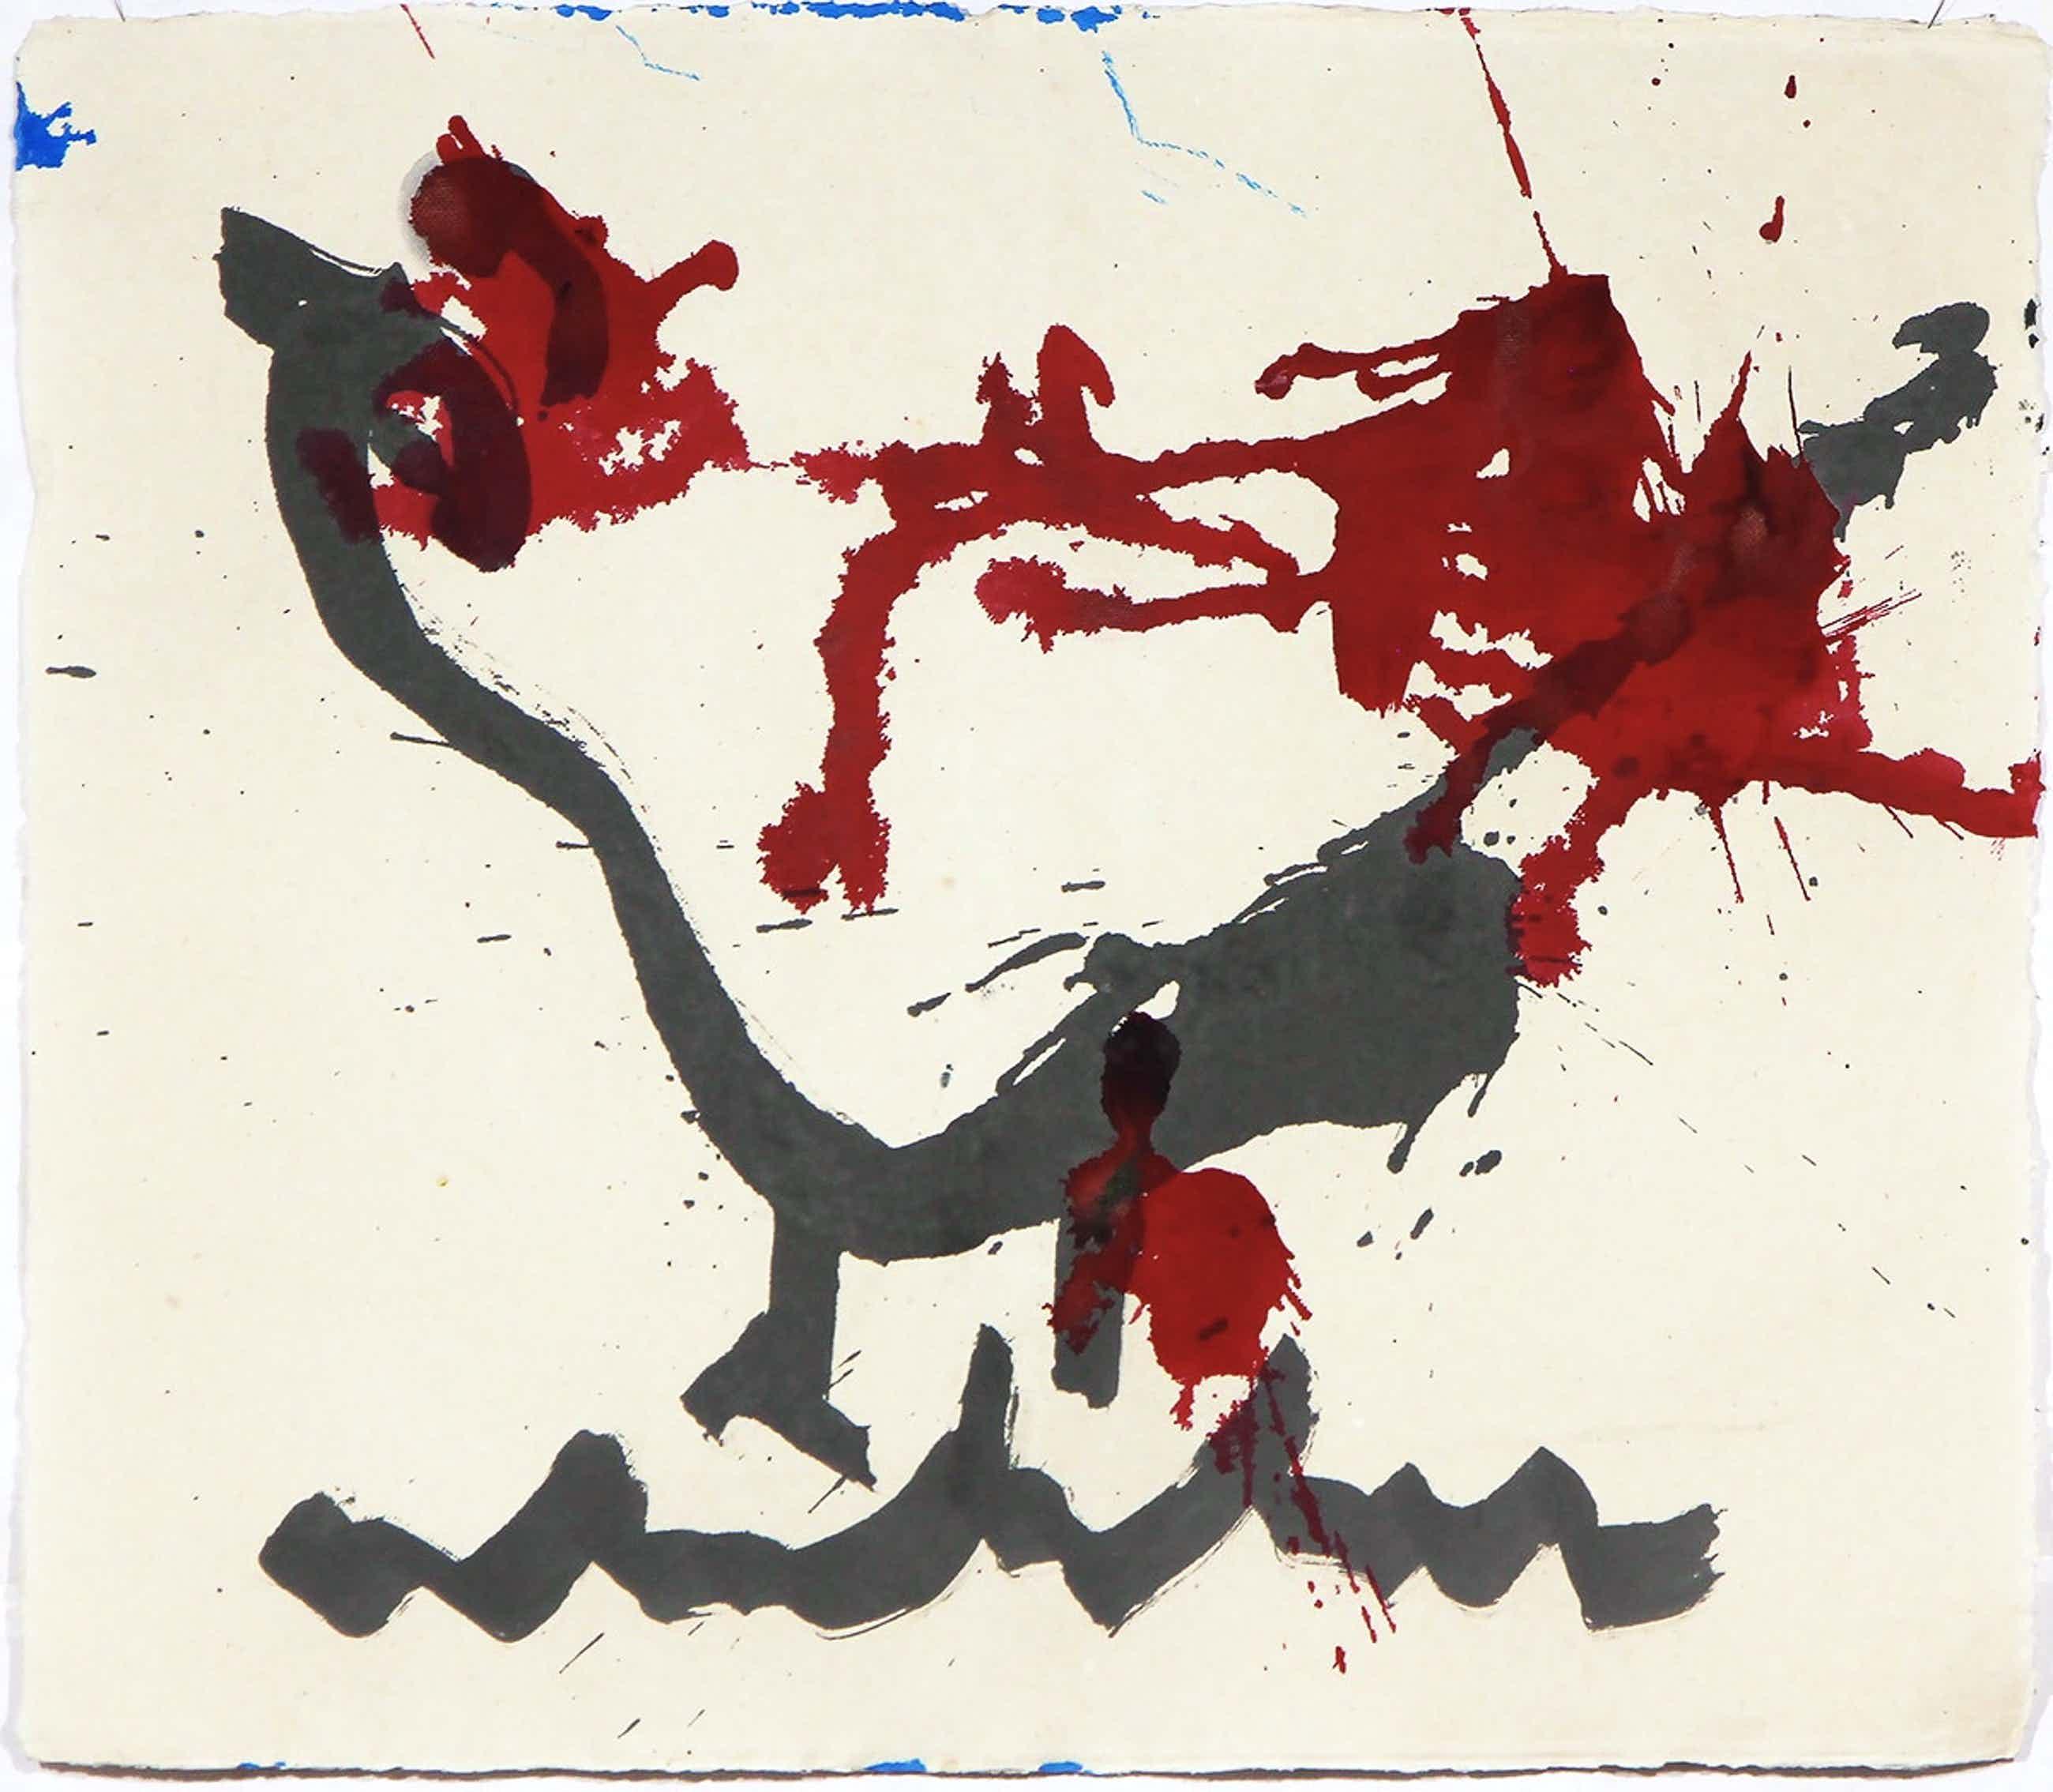 Anton Heyboer - 'Kip' - Oost Indische inkt en acryl op molenpapier - 1990 kopen? Bied vanaf 225!